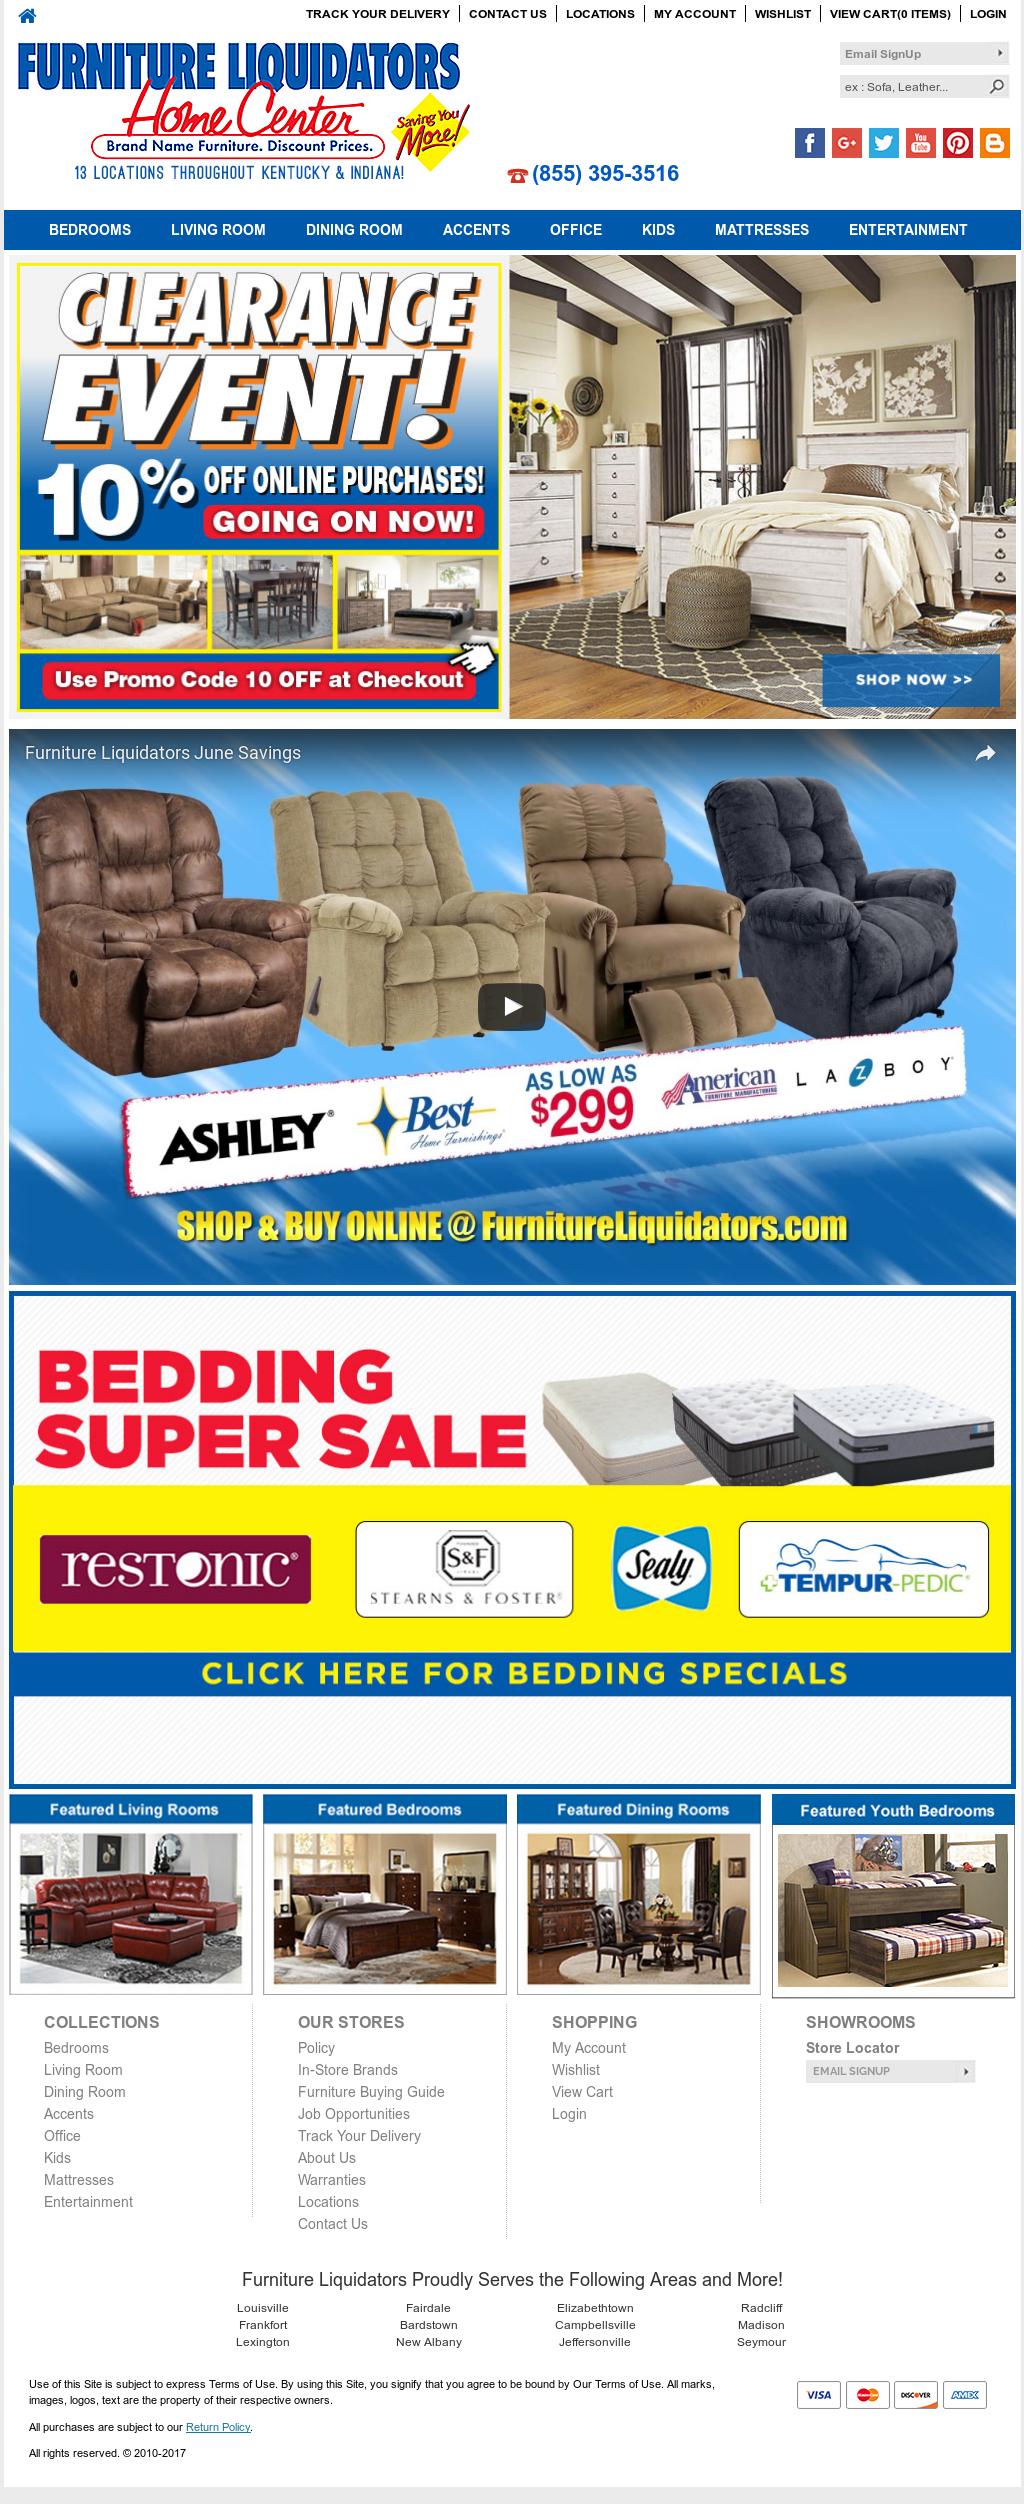 Furniture Liquidators Home Center Competitors Revenue And